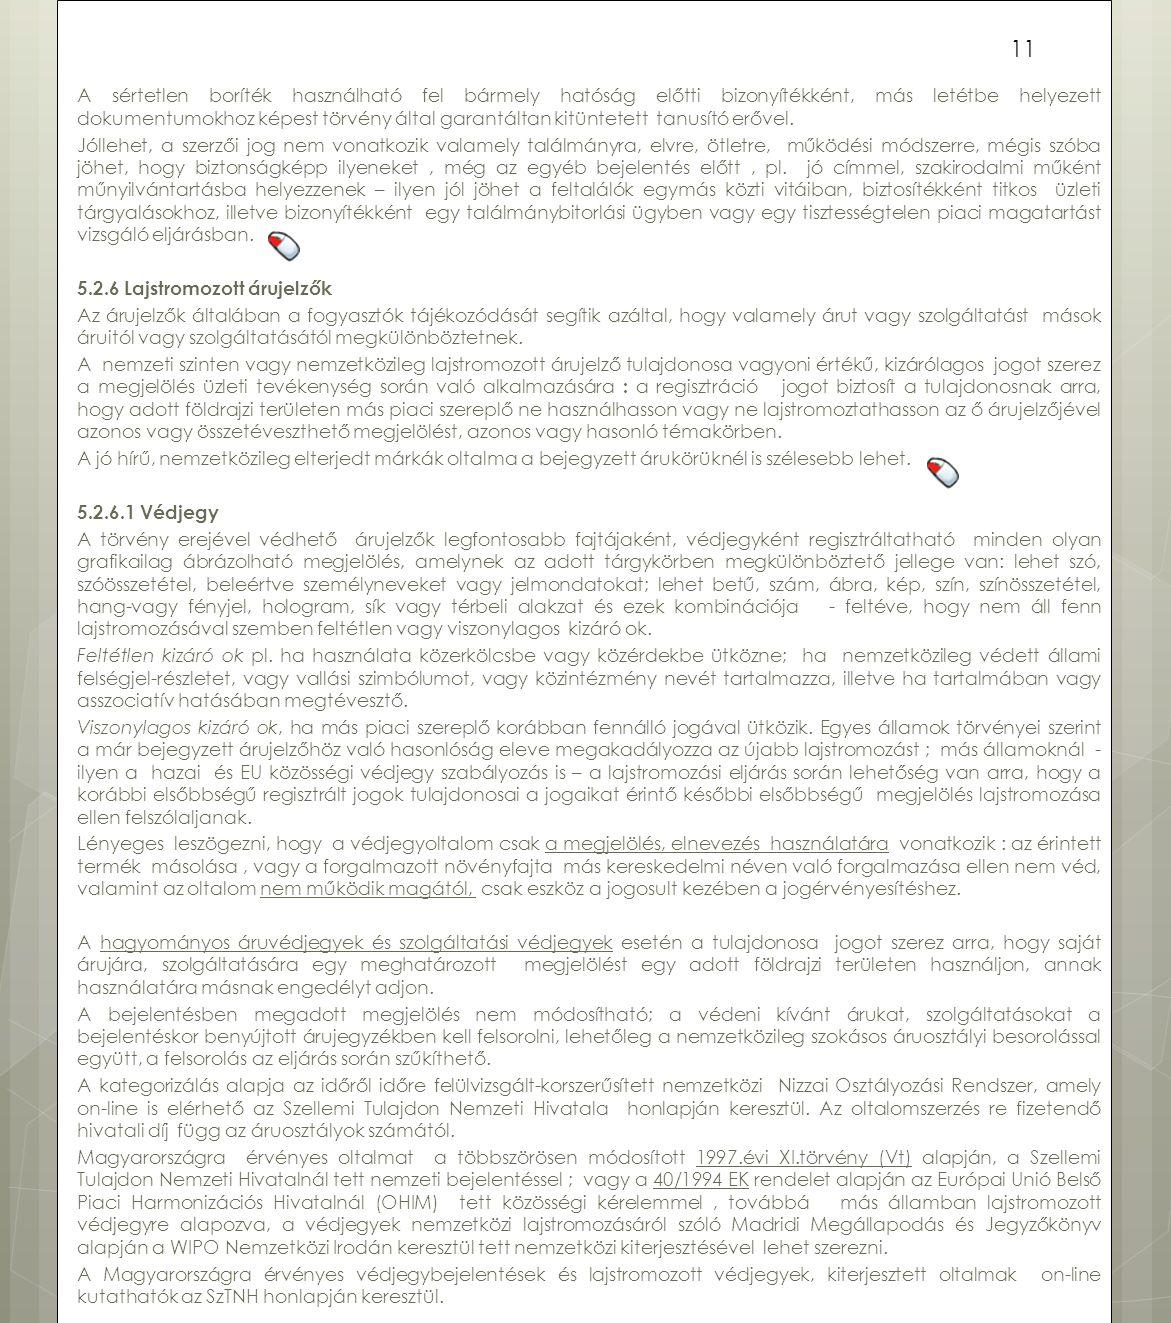 A sértetlen boríték használható fel bármely hatóság előtti bizonyítékként, más letétbe helyezett dokumentumokhoz képest törvény által garantáltan kitüntetett tanusító erővel.